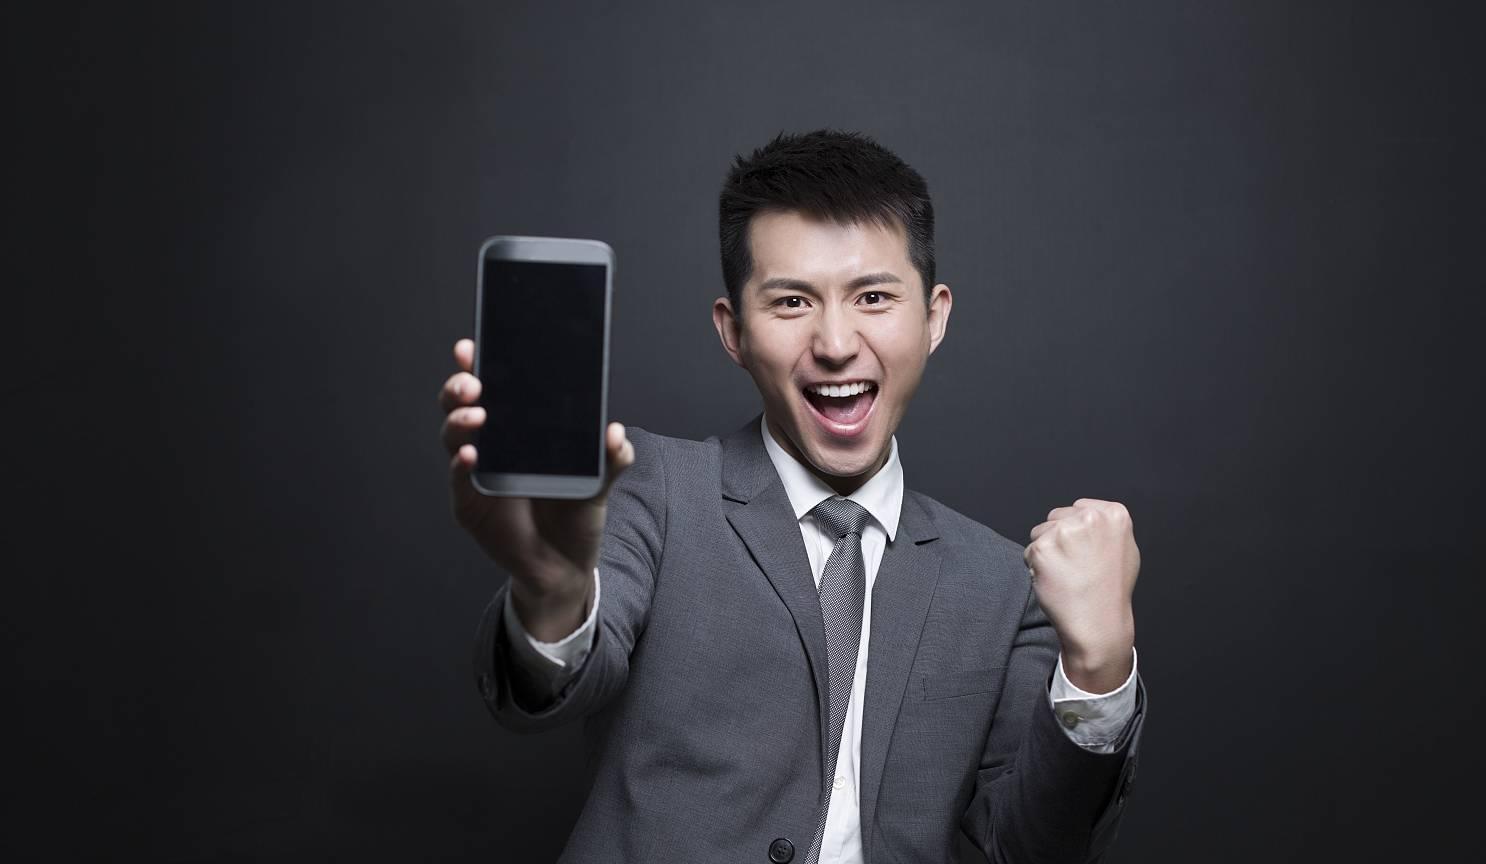 坐拥5亿用户被微信打败!中移动砸8400万能复兴它?